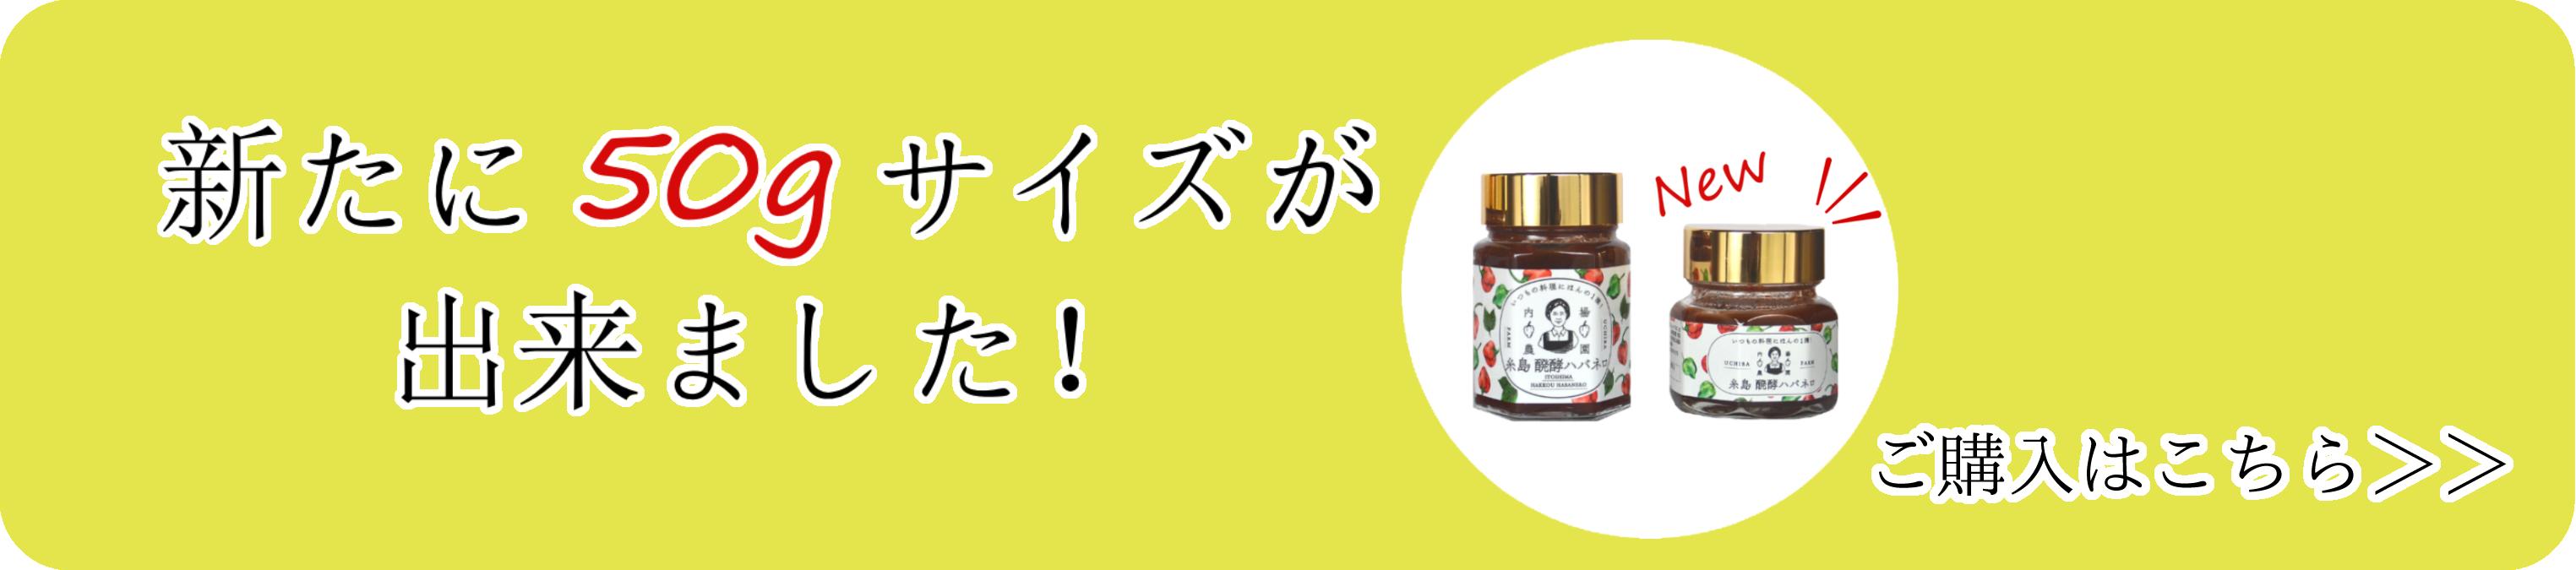 糸島 醗酵ハバネロに新たに50gサイズができました!